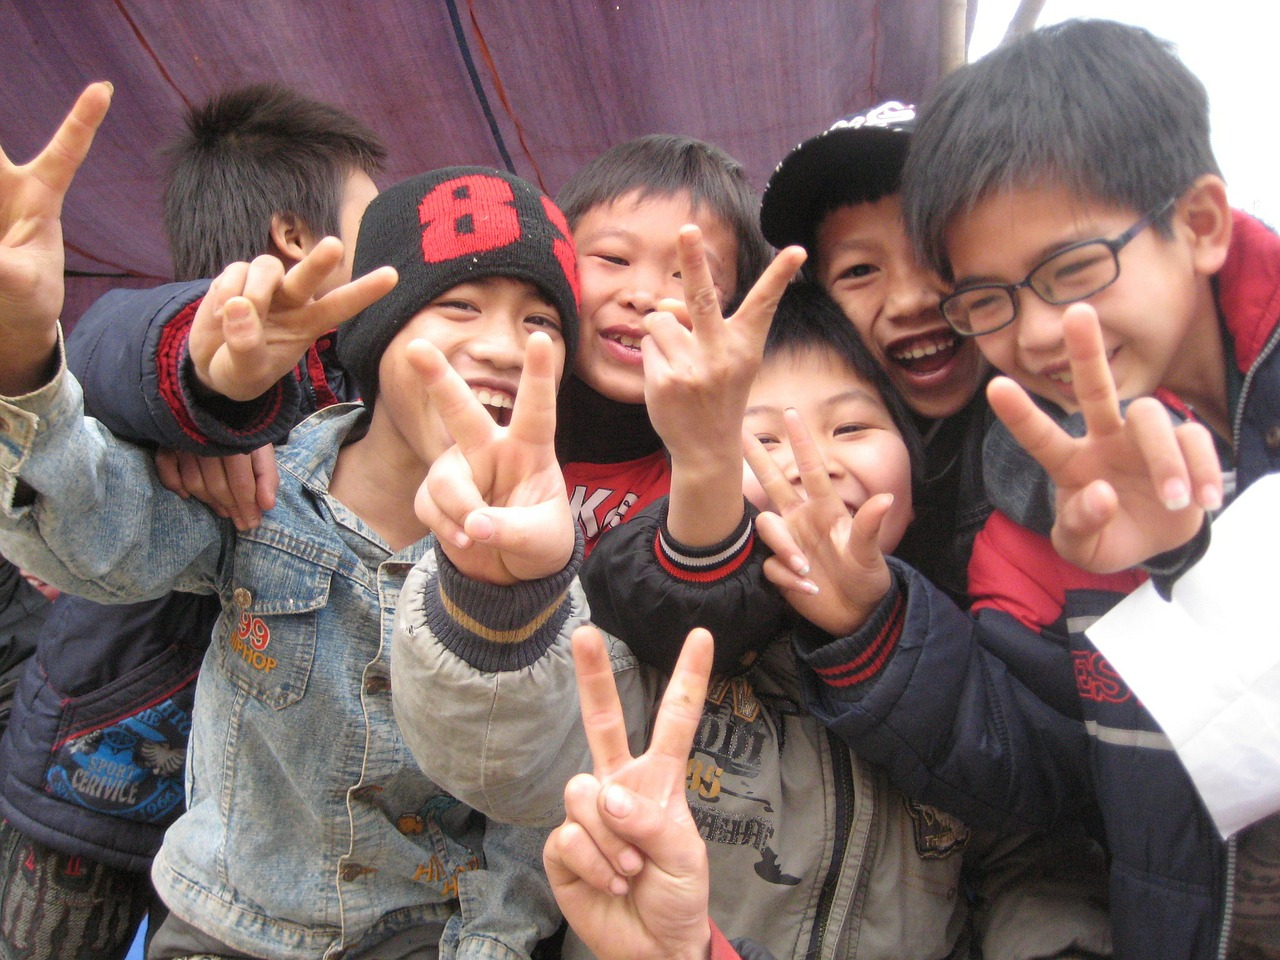 ピースサインをする笑顔の子供たち